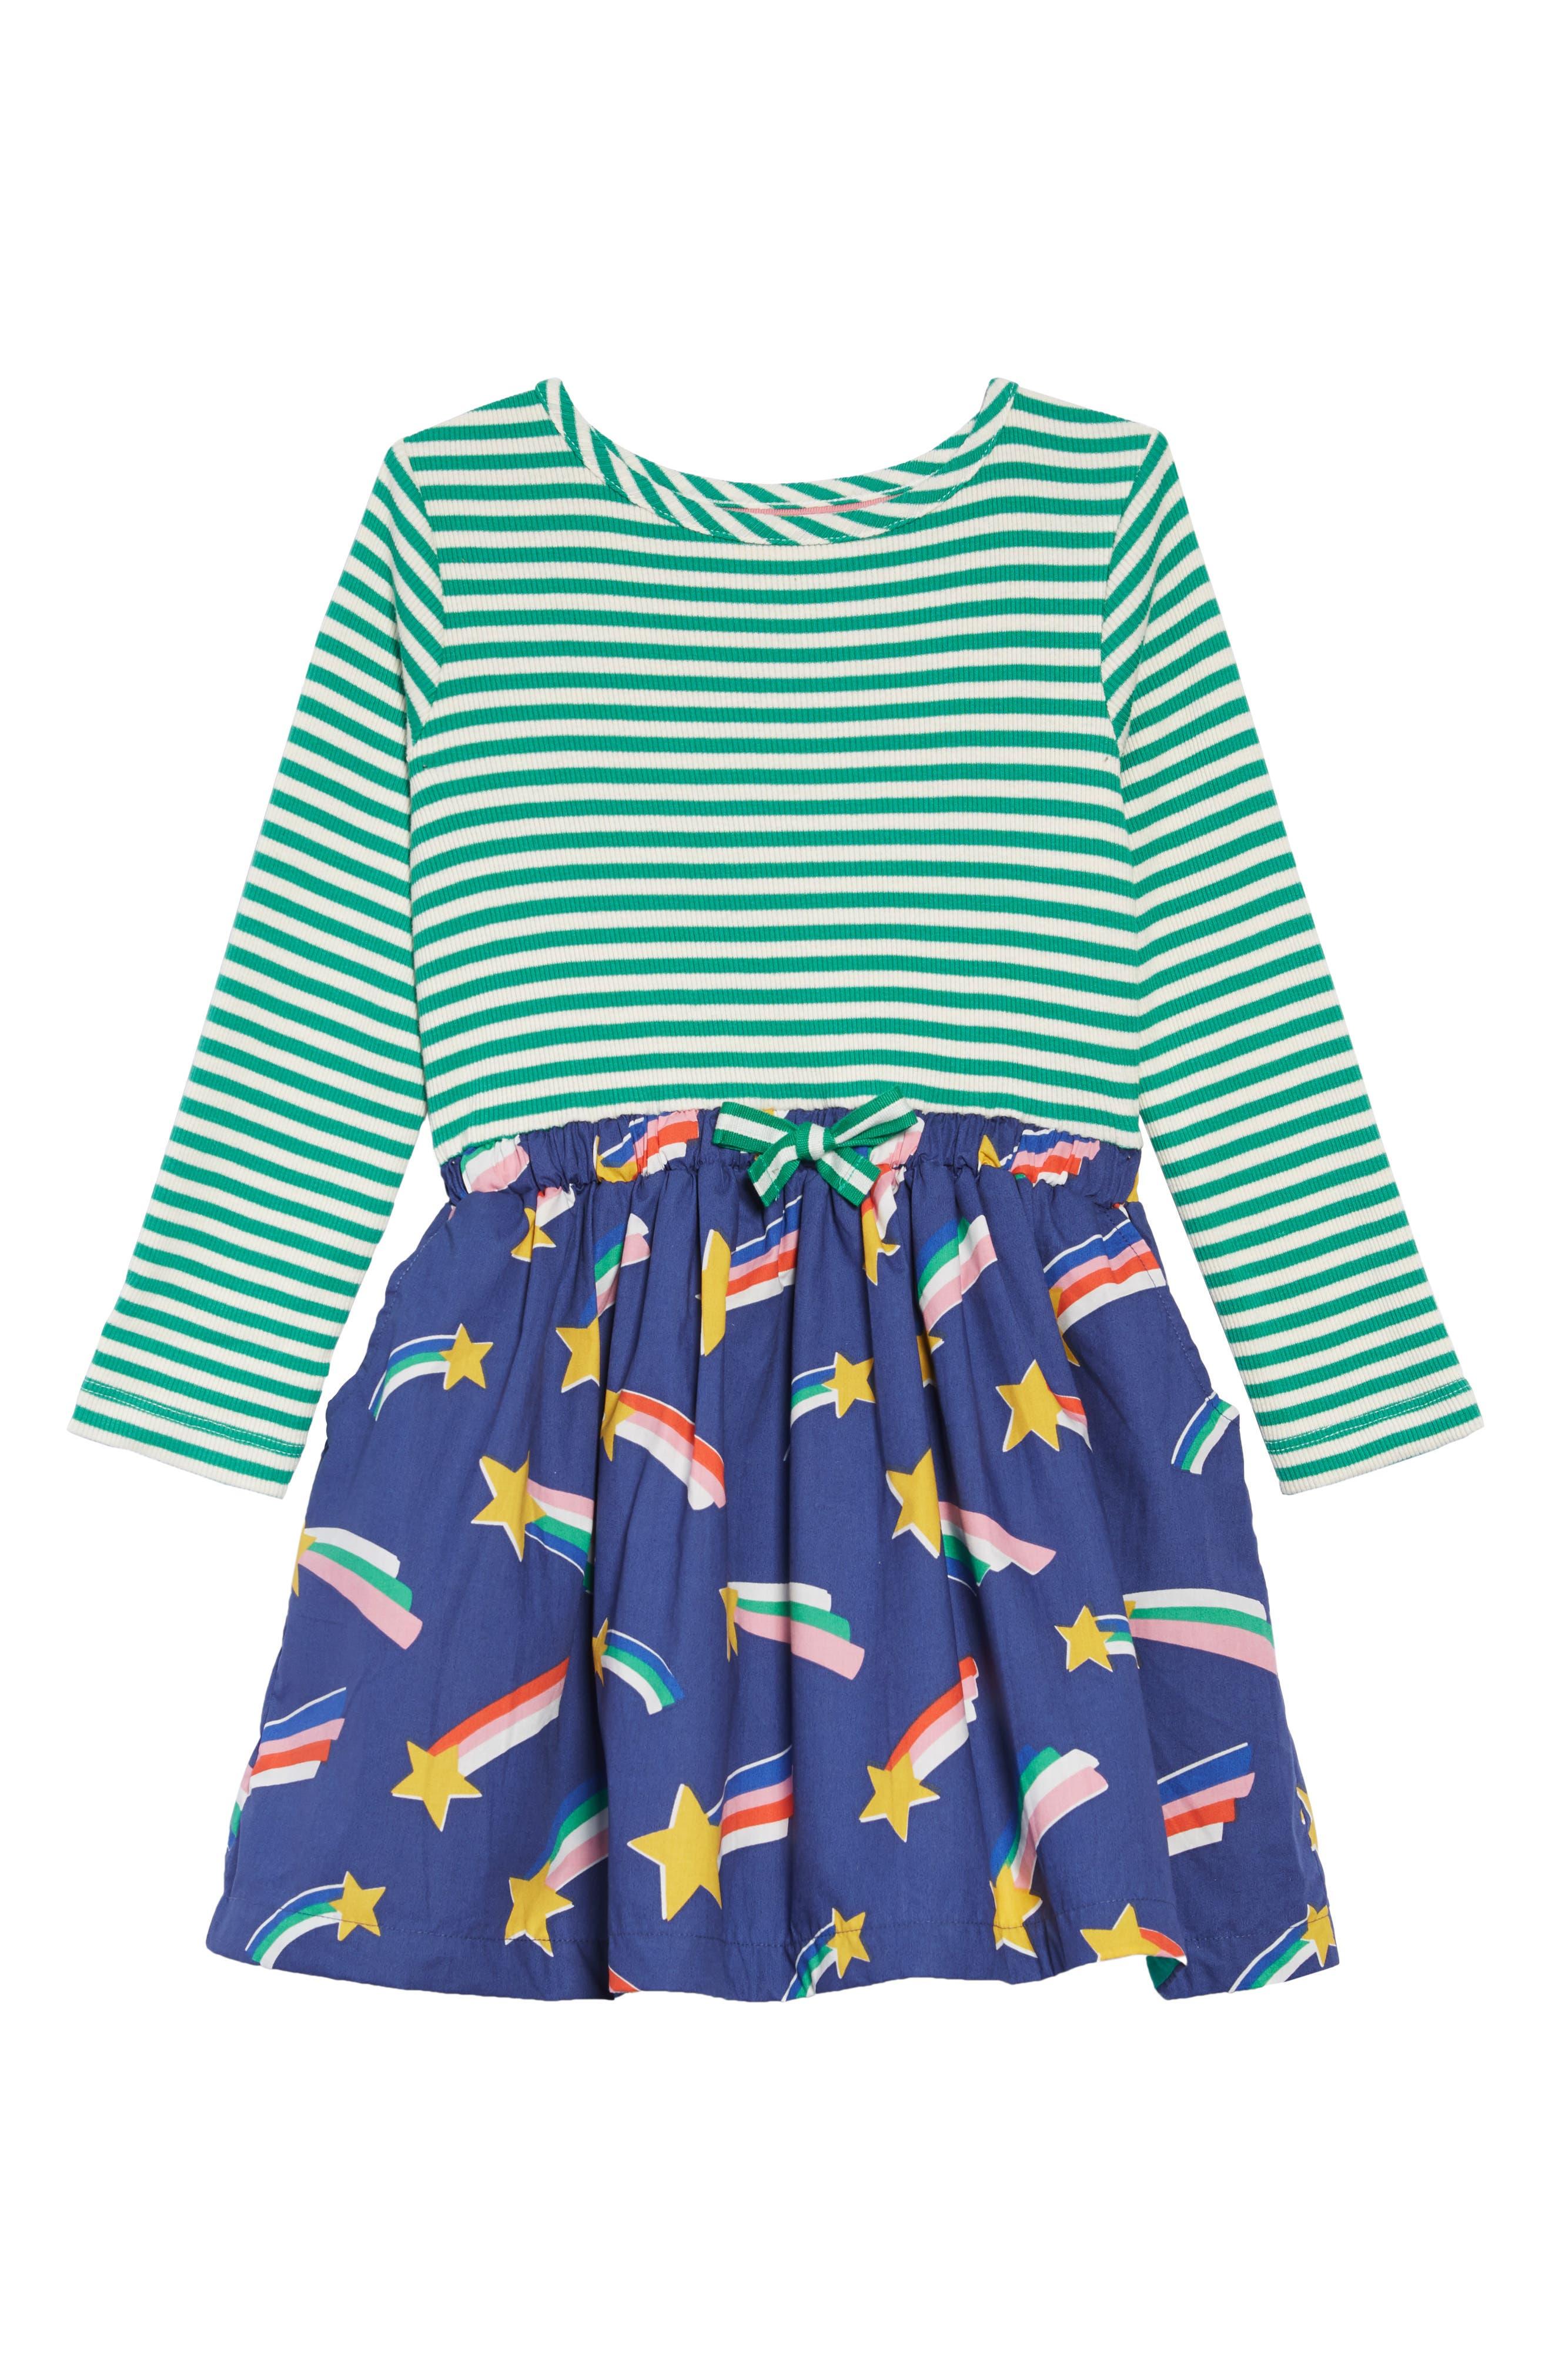 Hopscotch Dress,                             Main thumbnail 1, color,                             414